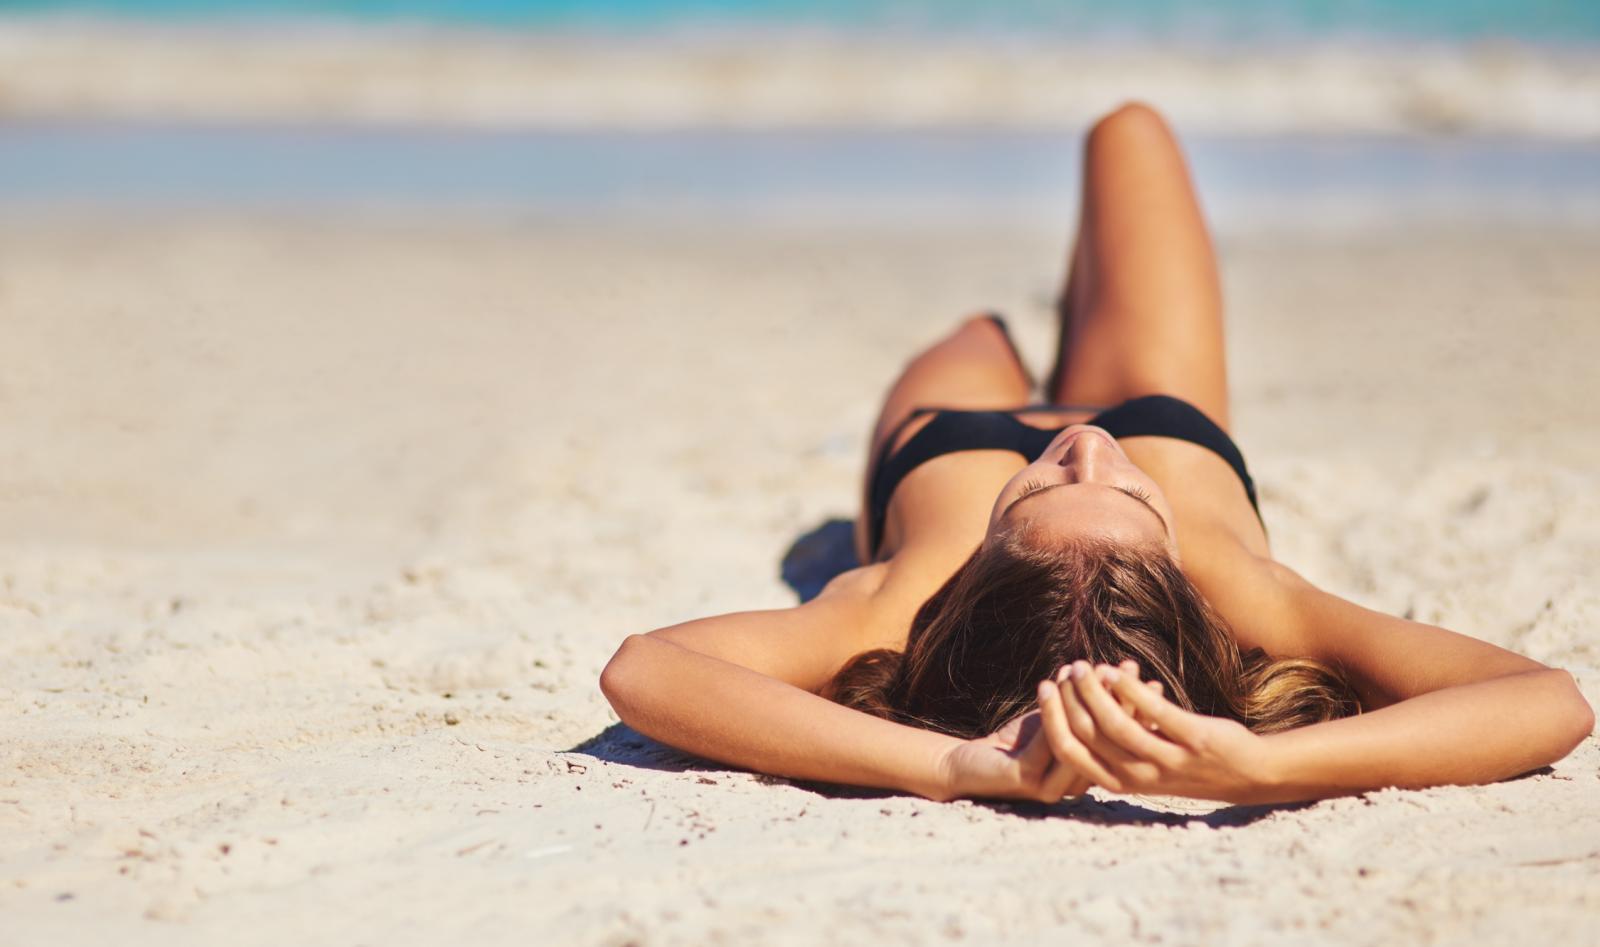 Vitamin D sintetizira se putem kože pod djelovanjem sunčeve svjetlosti samo ako je dužina valova sunčevih zraka dovoljna da postigne određeni intenzitet.